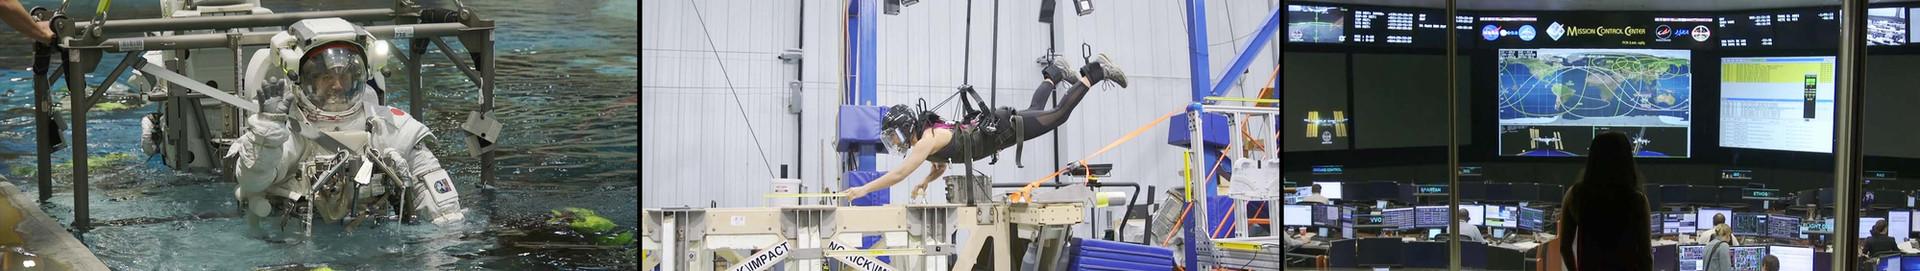 I Trained Like a NASA Astronaut   Michelle Khare